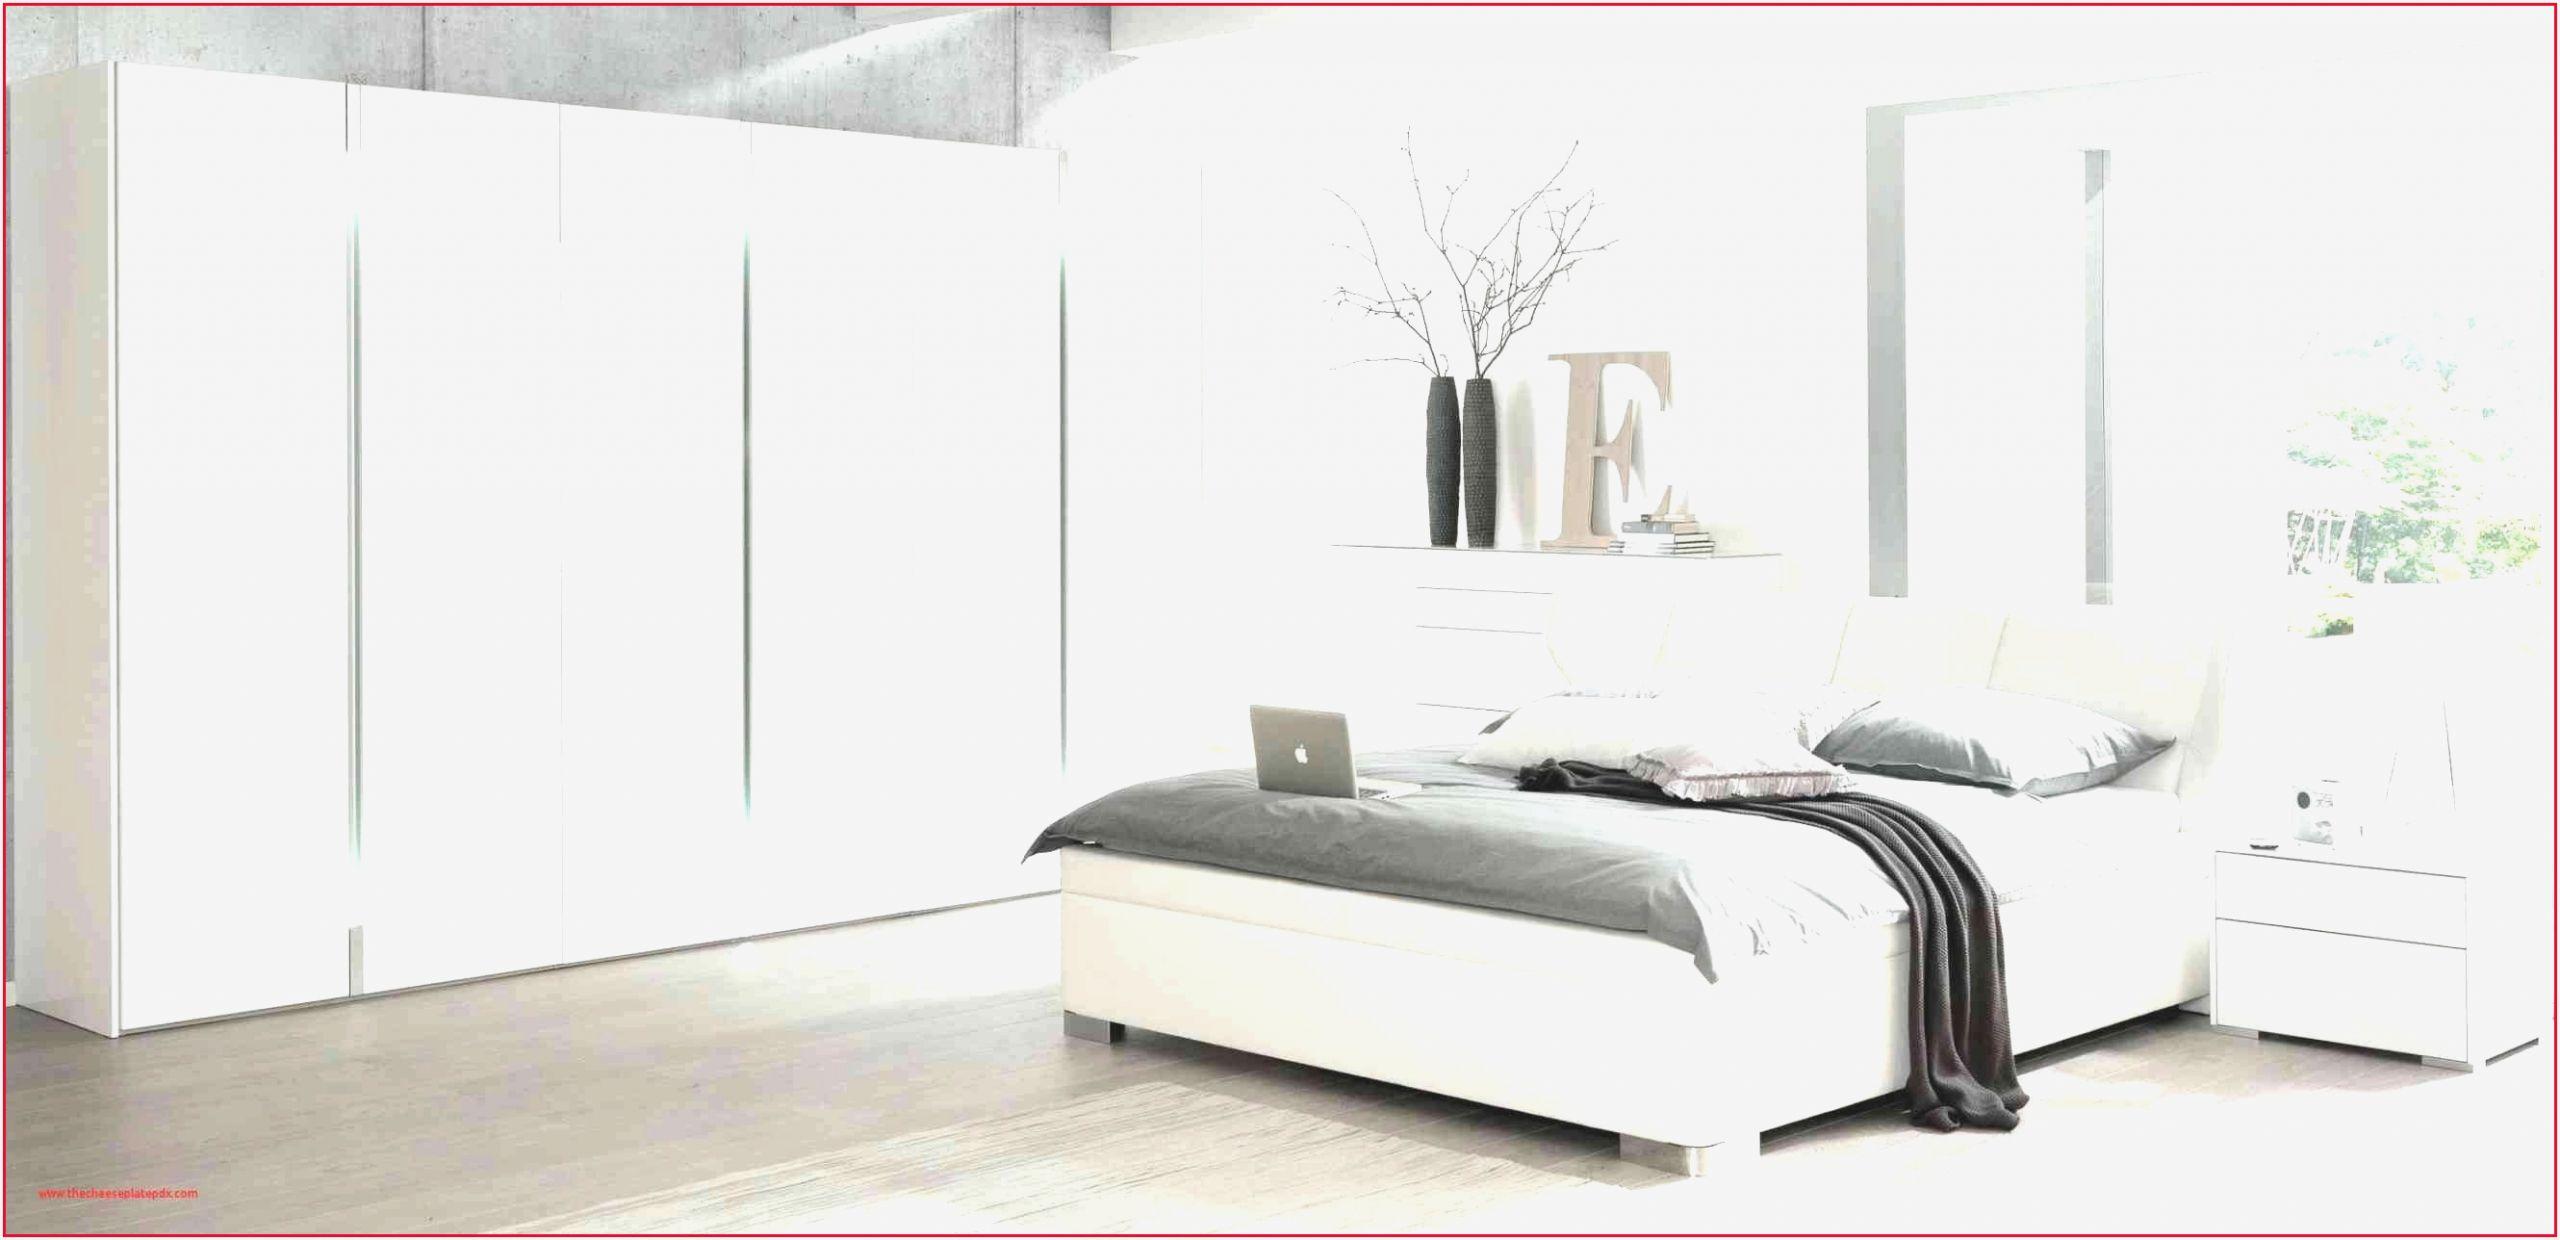 Full Size of Jugendzimmer Ikea Modulküche Sofa Mit Schlaffunktion Küche Kaufen Kosten Betten Bei Miniküche Bett 160x200 Wohnzimmer Jugendzimmer Ikea